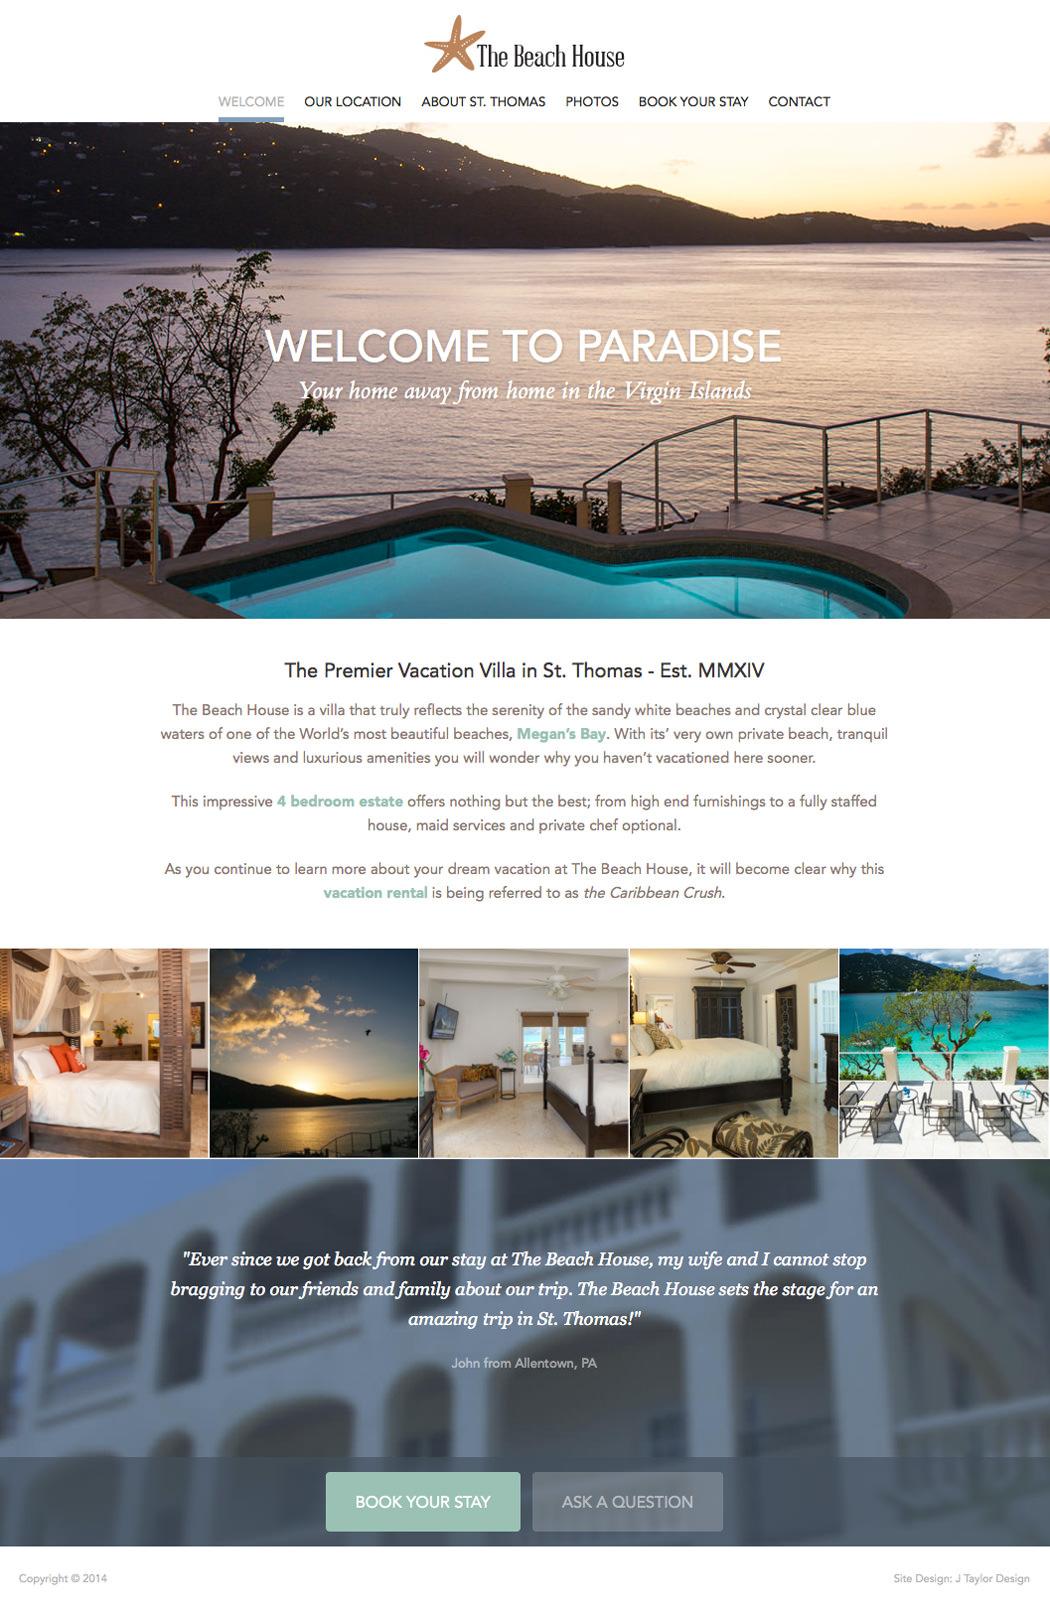 The Beach House Virgin Islands Website Design